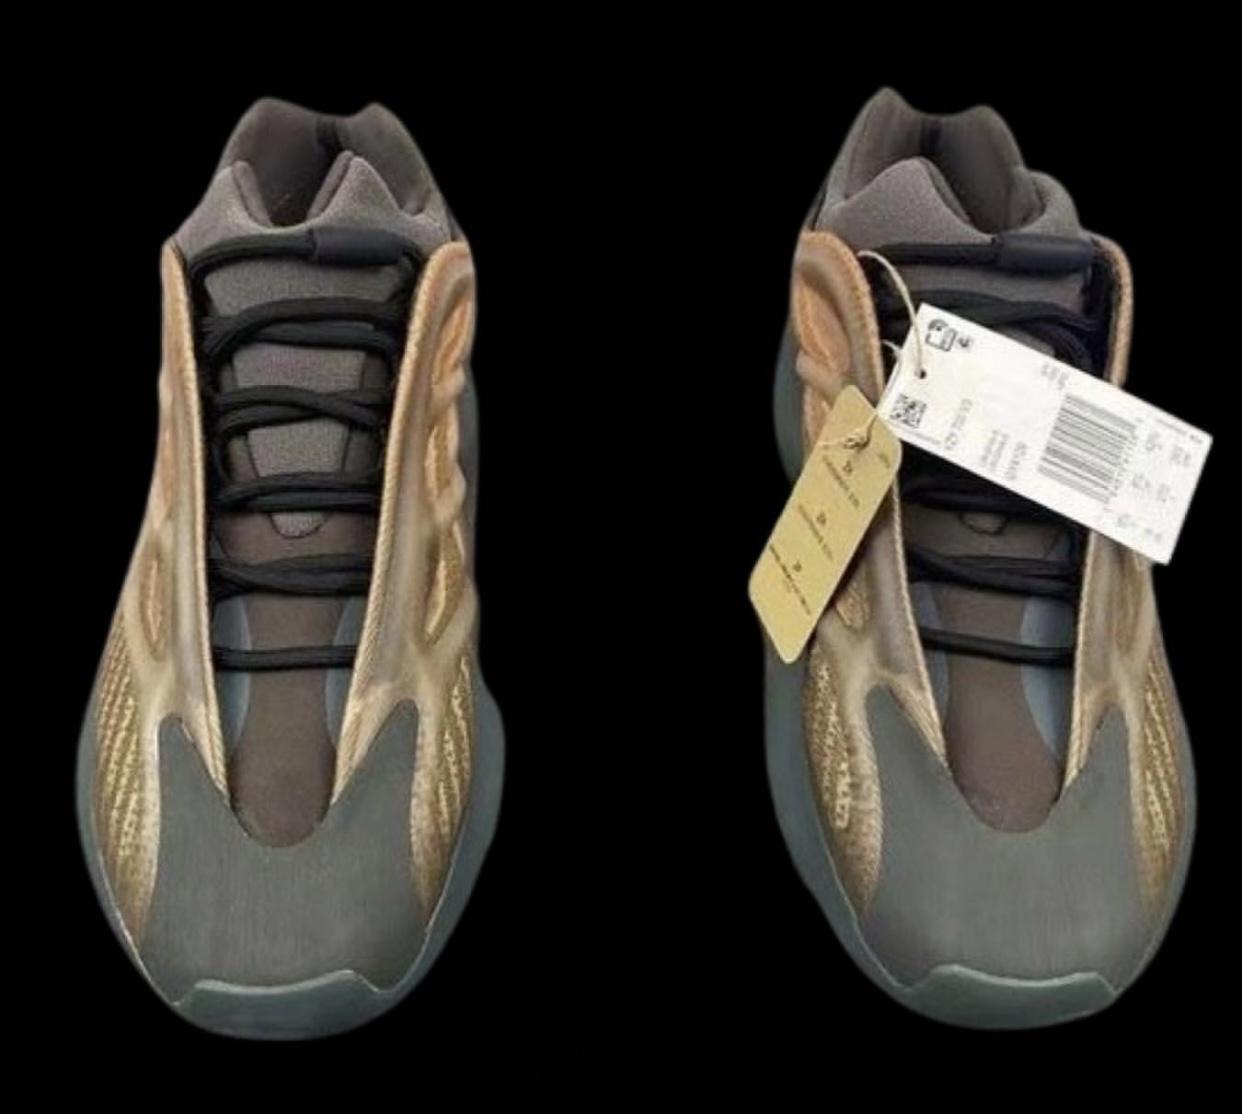 Yeezy 700 v3, YEEZY 700, Yeezy, adidas Yeezy 700 V3, adidas Yeezy, Adidas